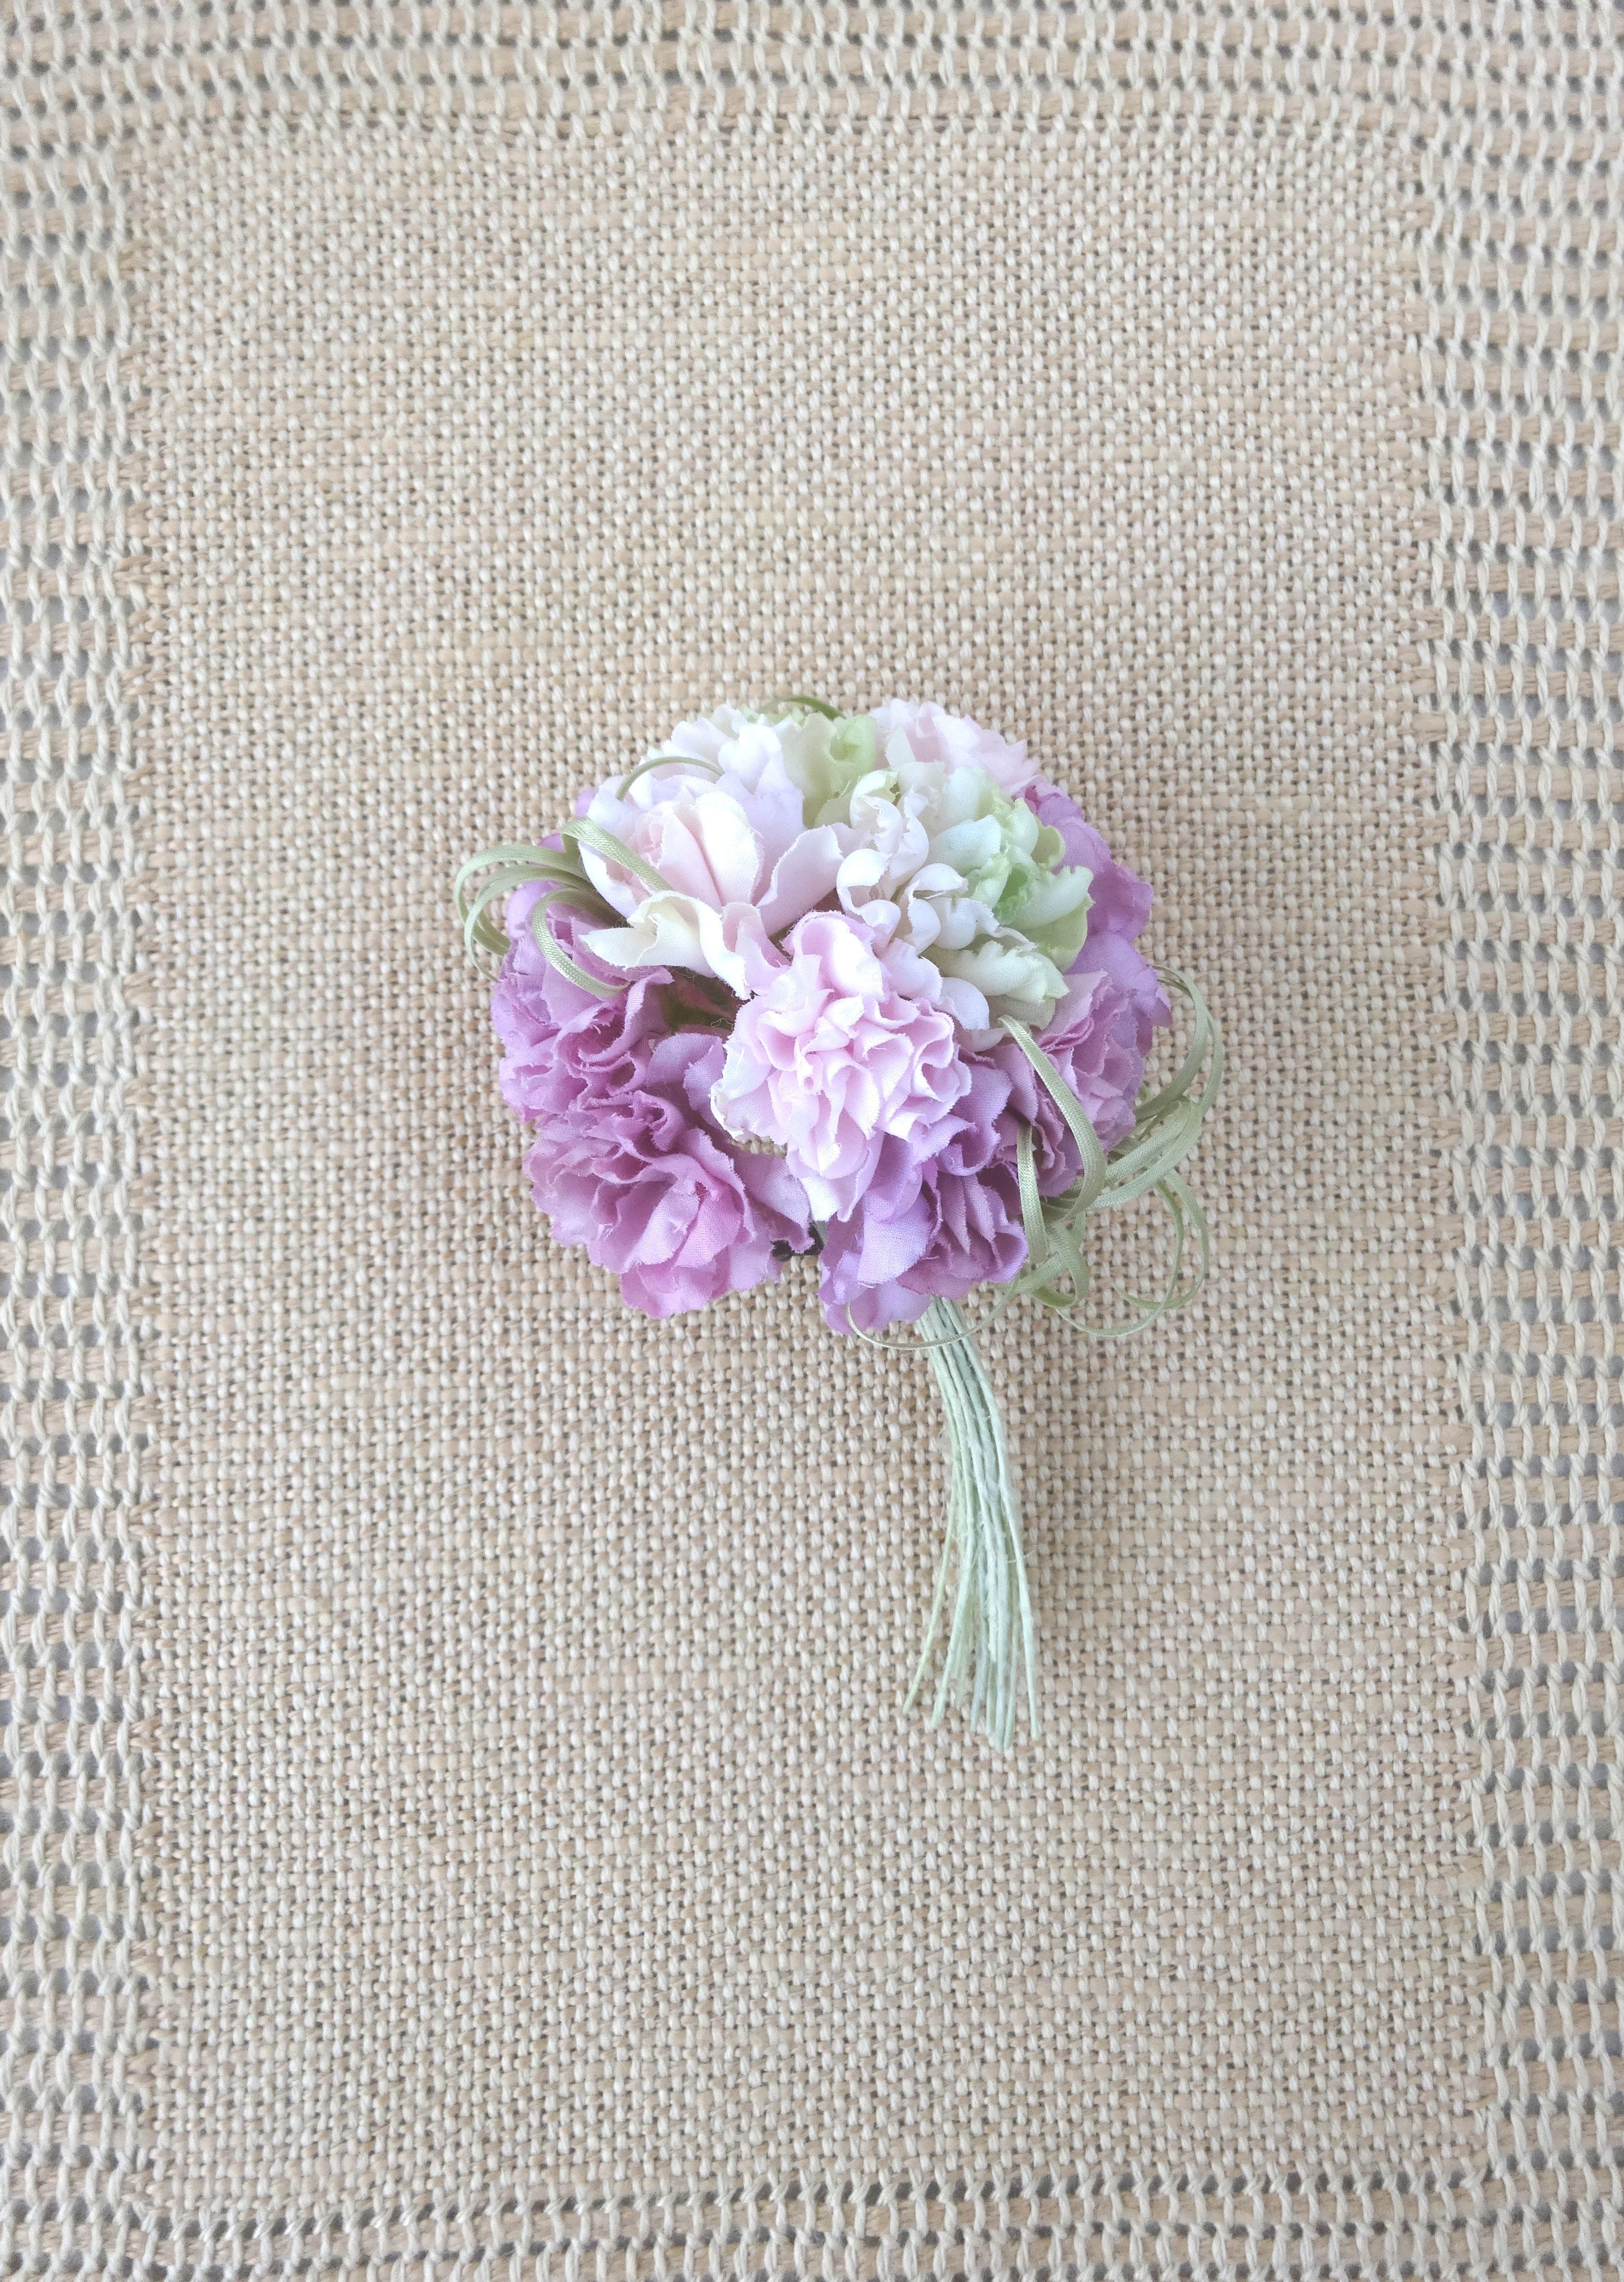 フリル小花のポンポン カーネーション風 パープルmix *綿ローン製* コサージュ